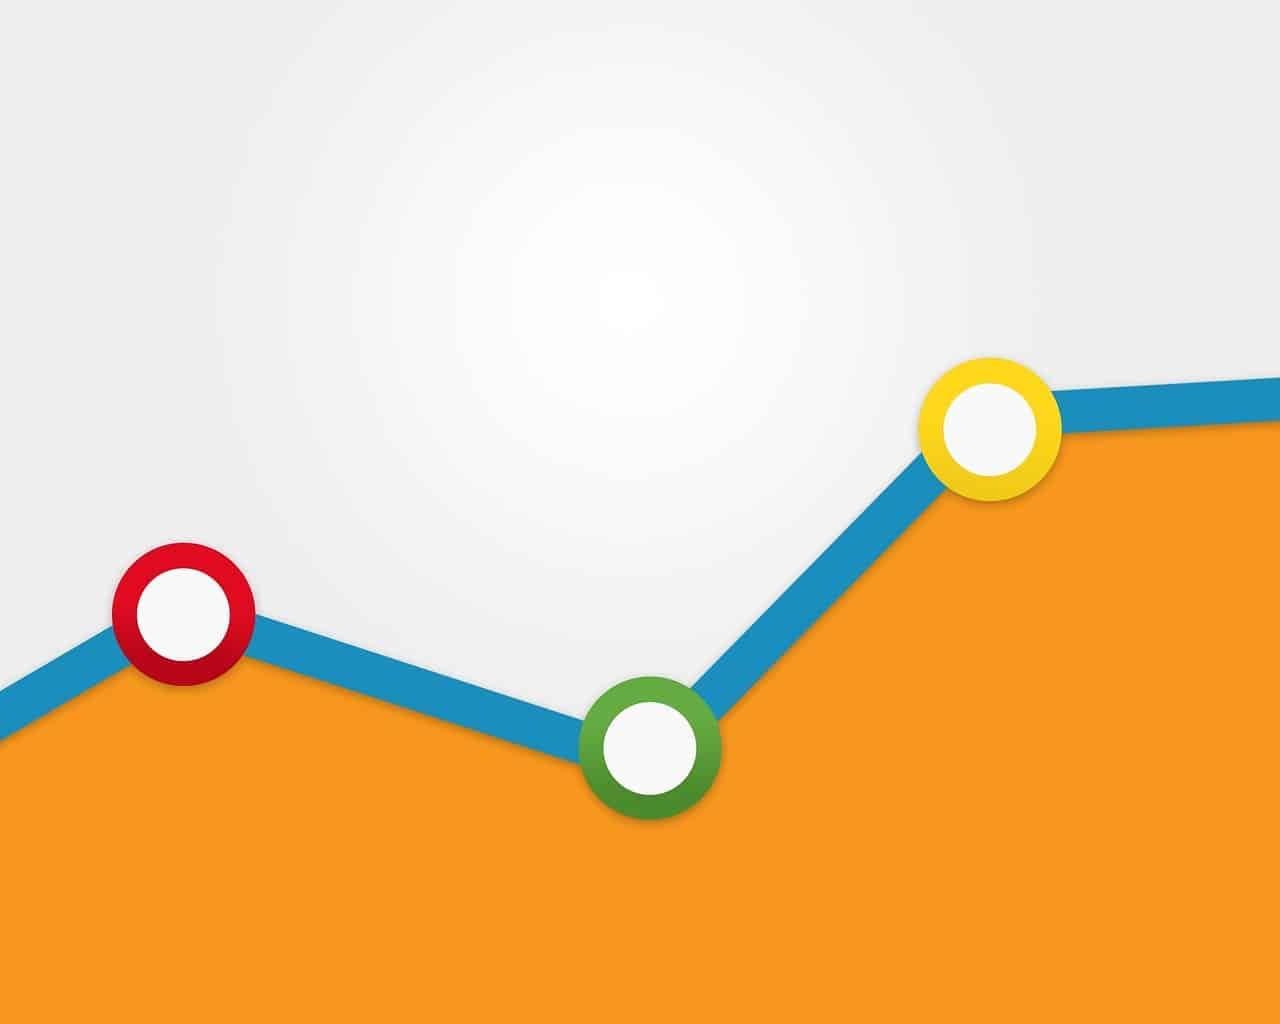 Une courbe de Google Analytics